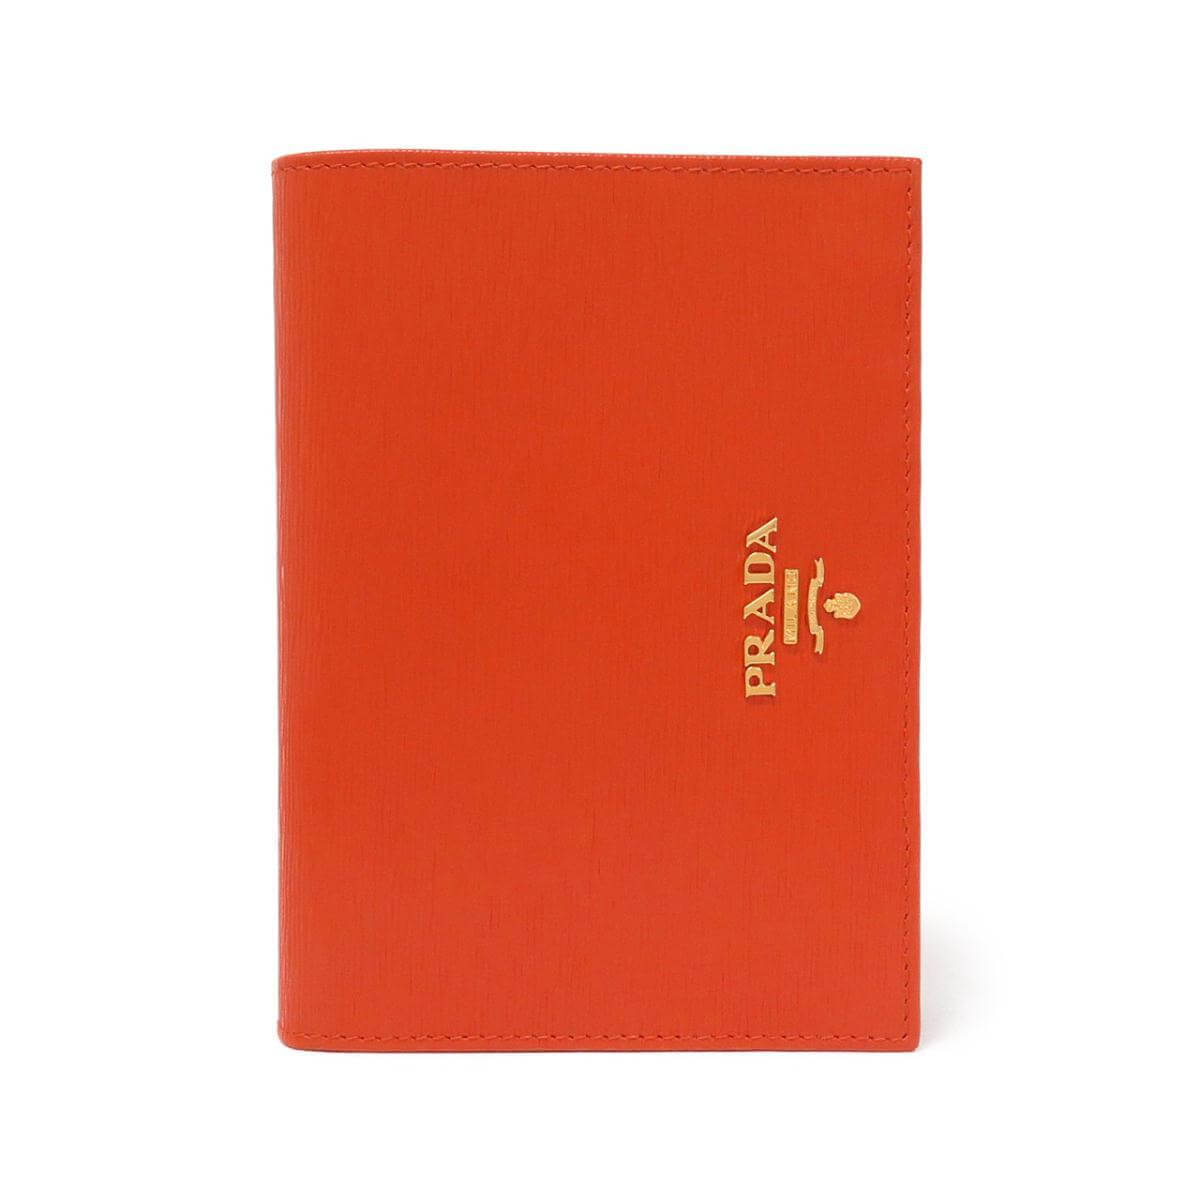 プラダのオレンジのパスポートケース